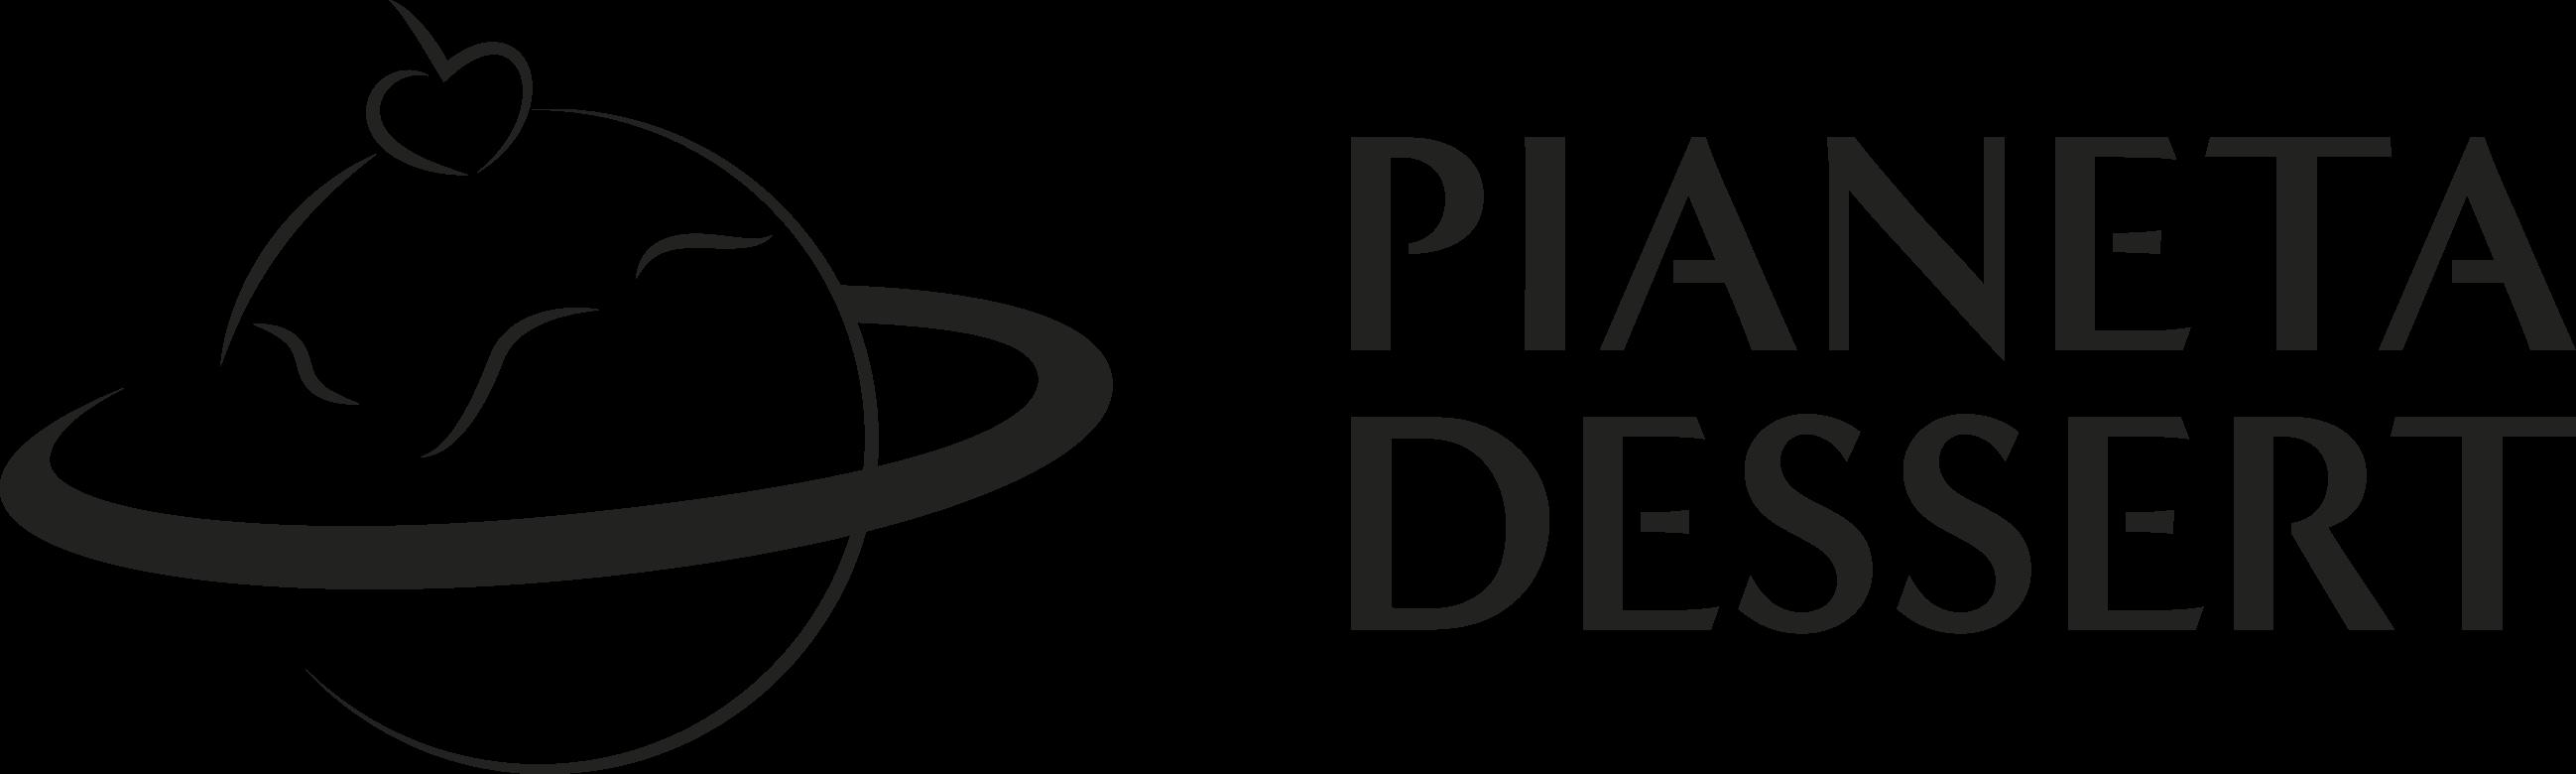 Pianeta Dessert.com®